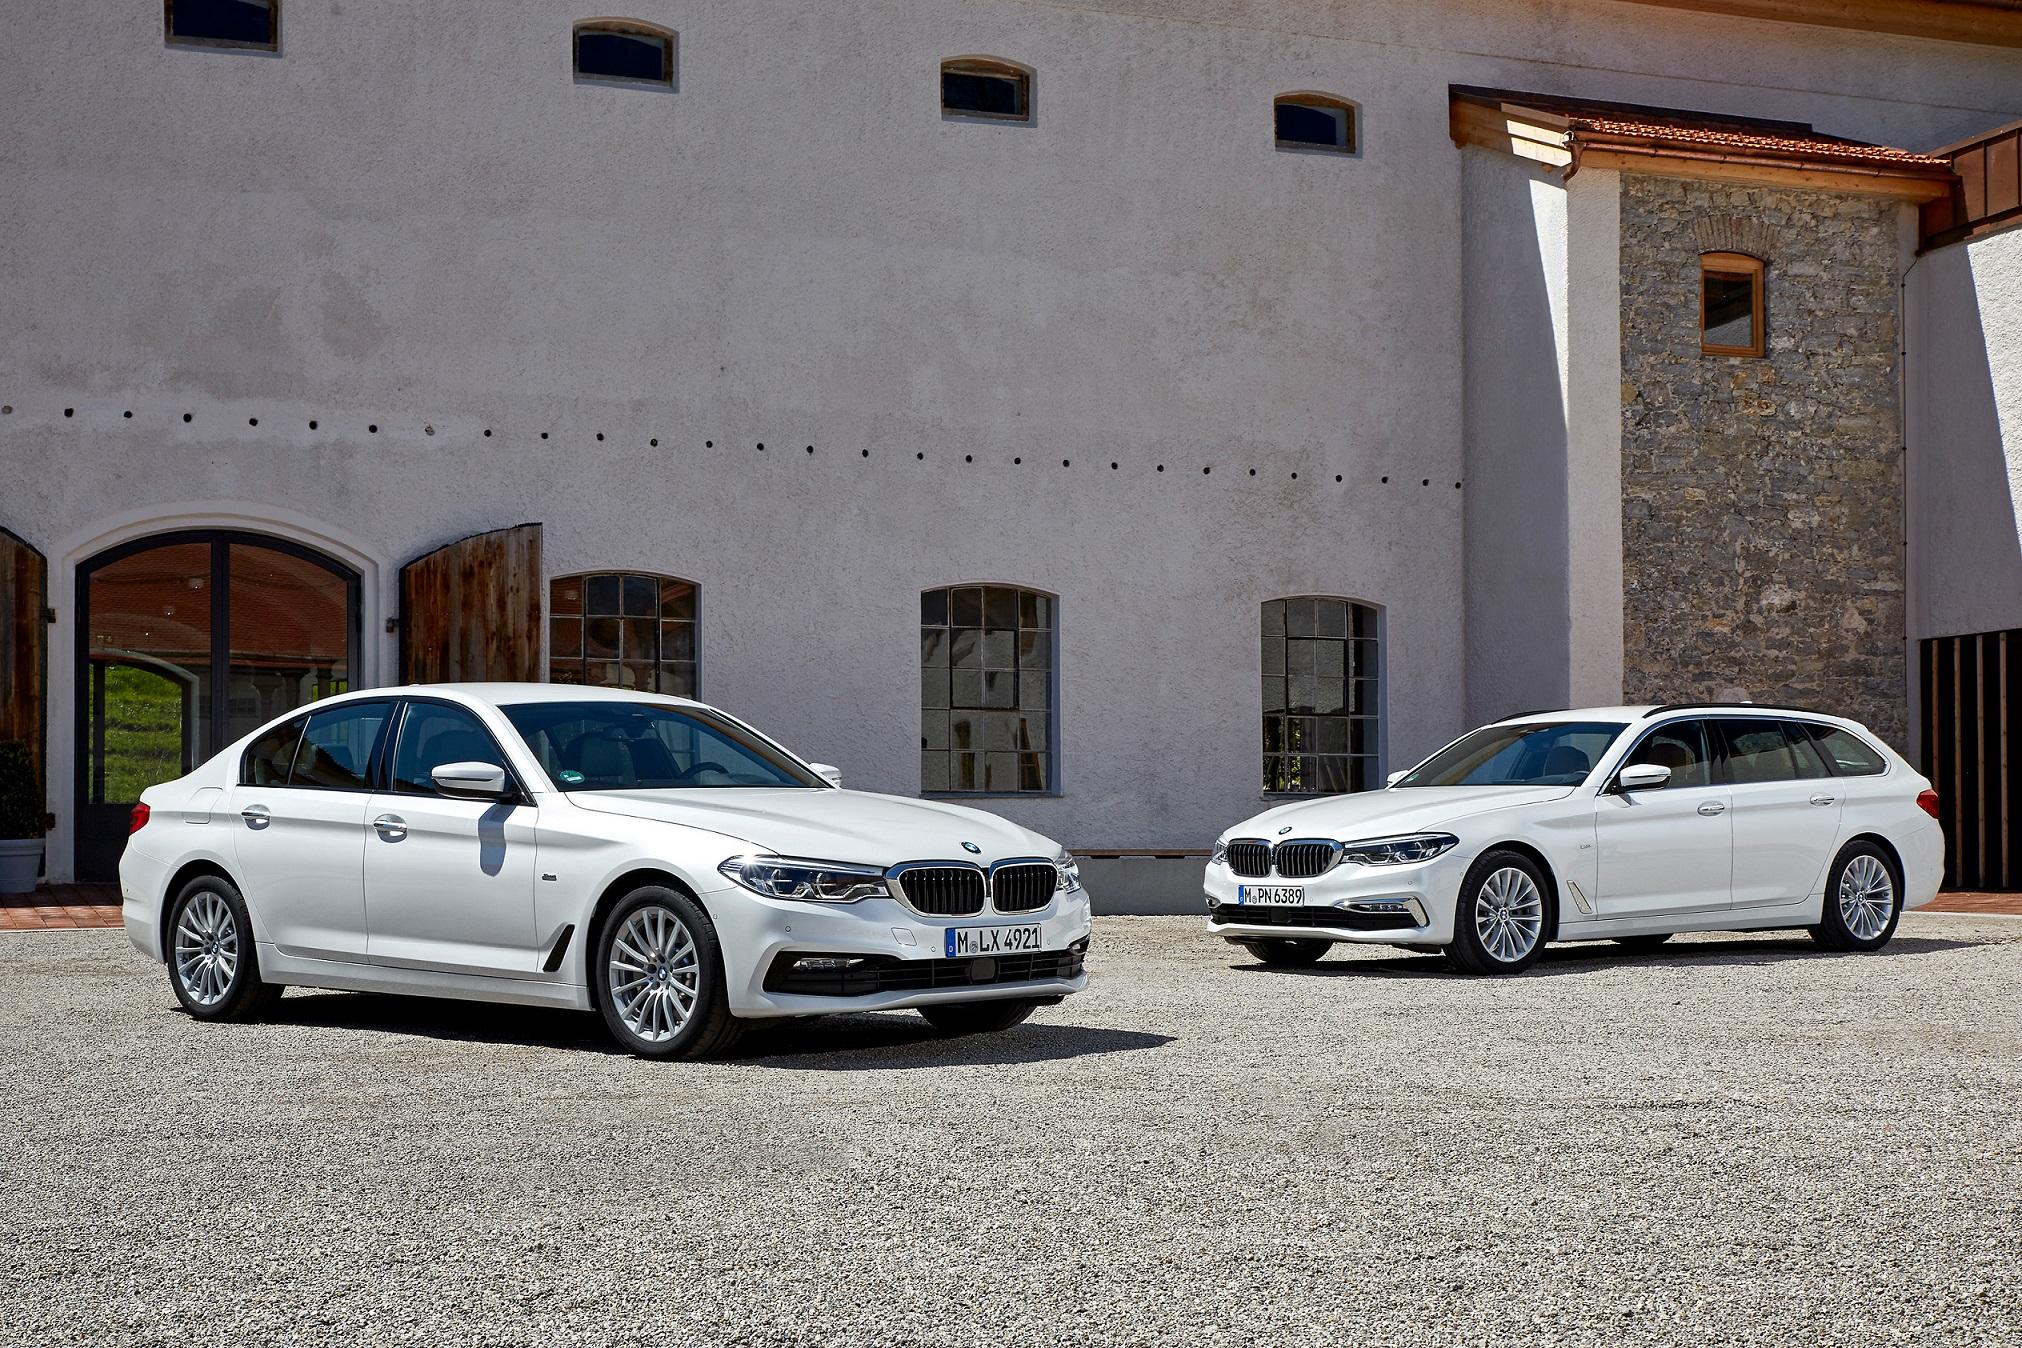 [新聞照片一]BMW大5系列成功在德國專業汽車雜誌《auto motor und sport》讀者票選中脫穎而出,奪得「中大型房車(Upper Midrange)」級距2018年度「Best Cars Award」最佳車款殊榮